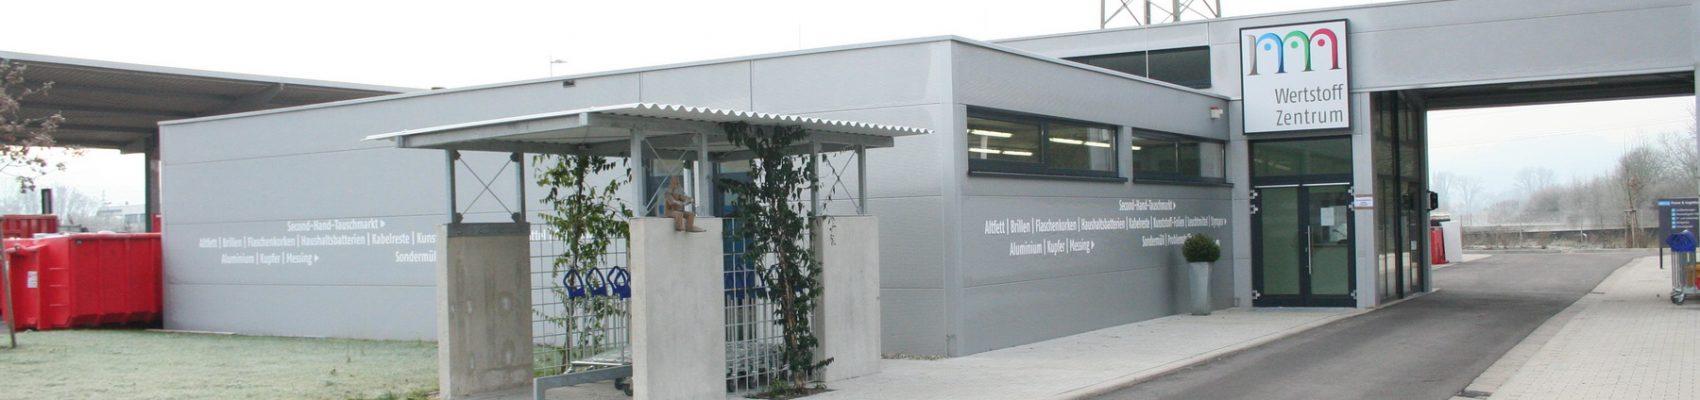 Wertstoffzentrum Außenansicht